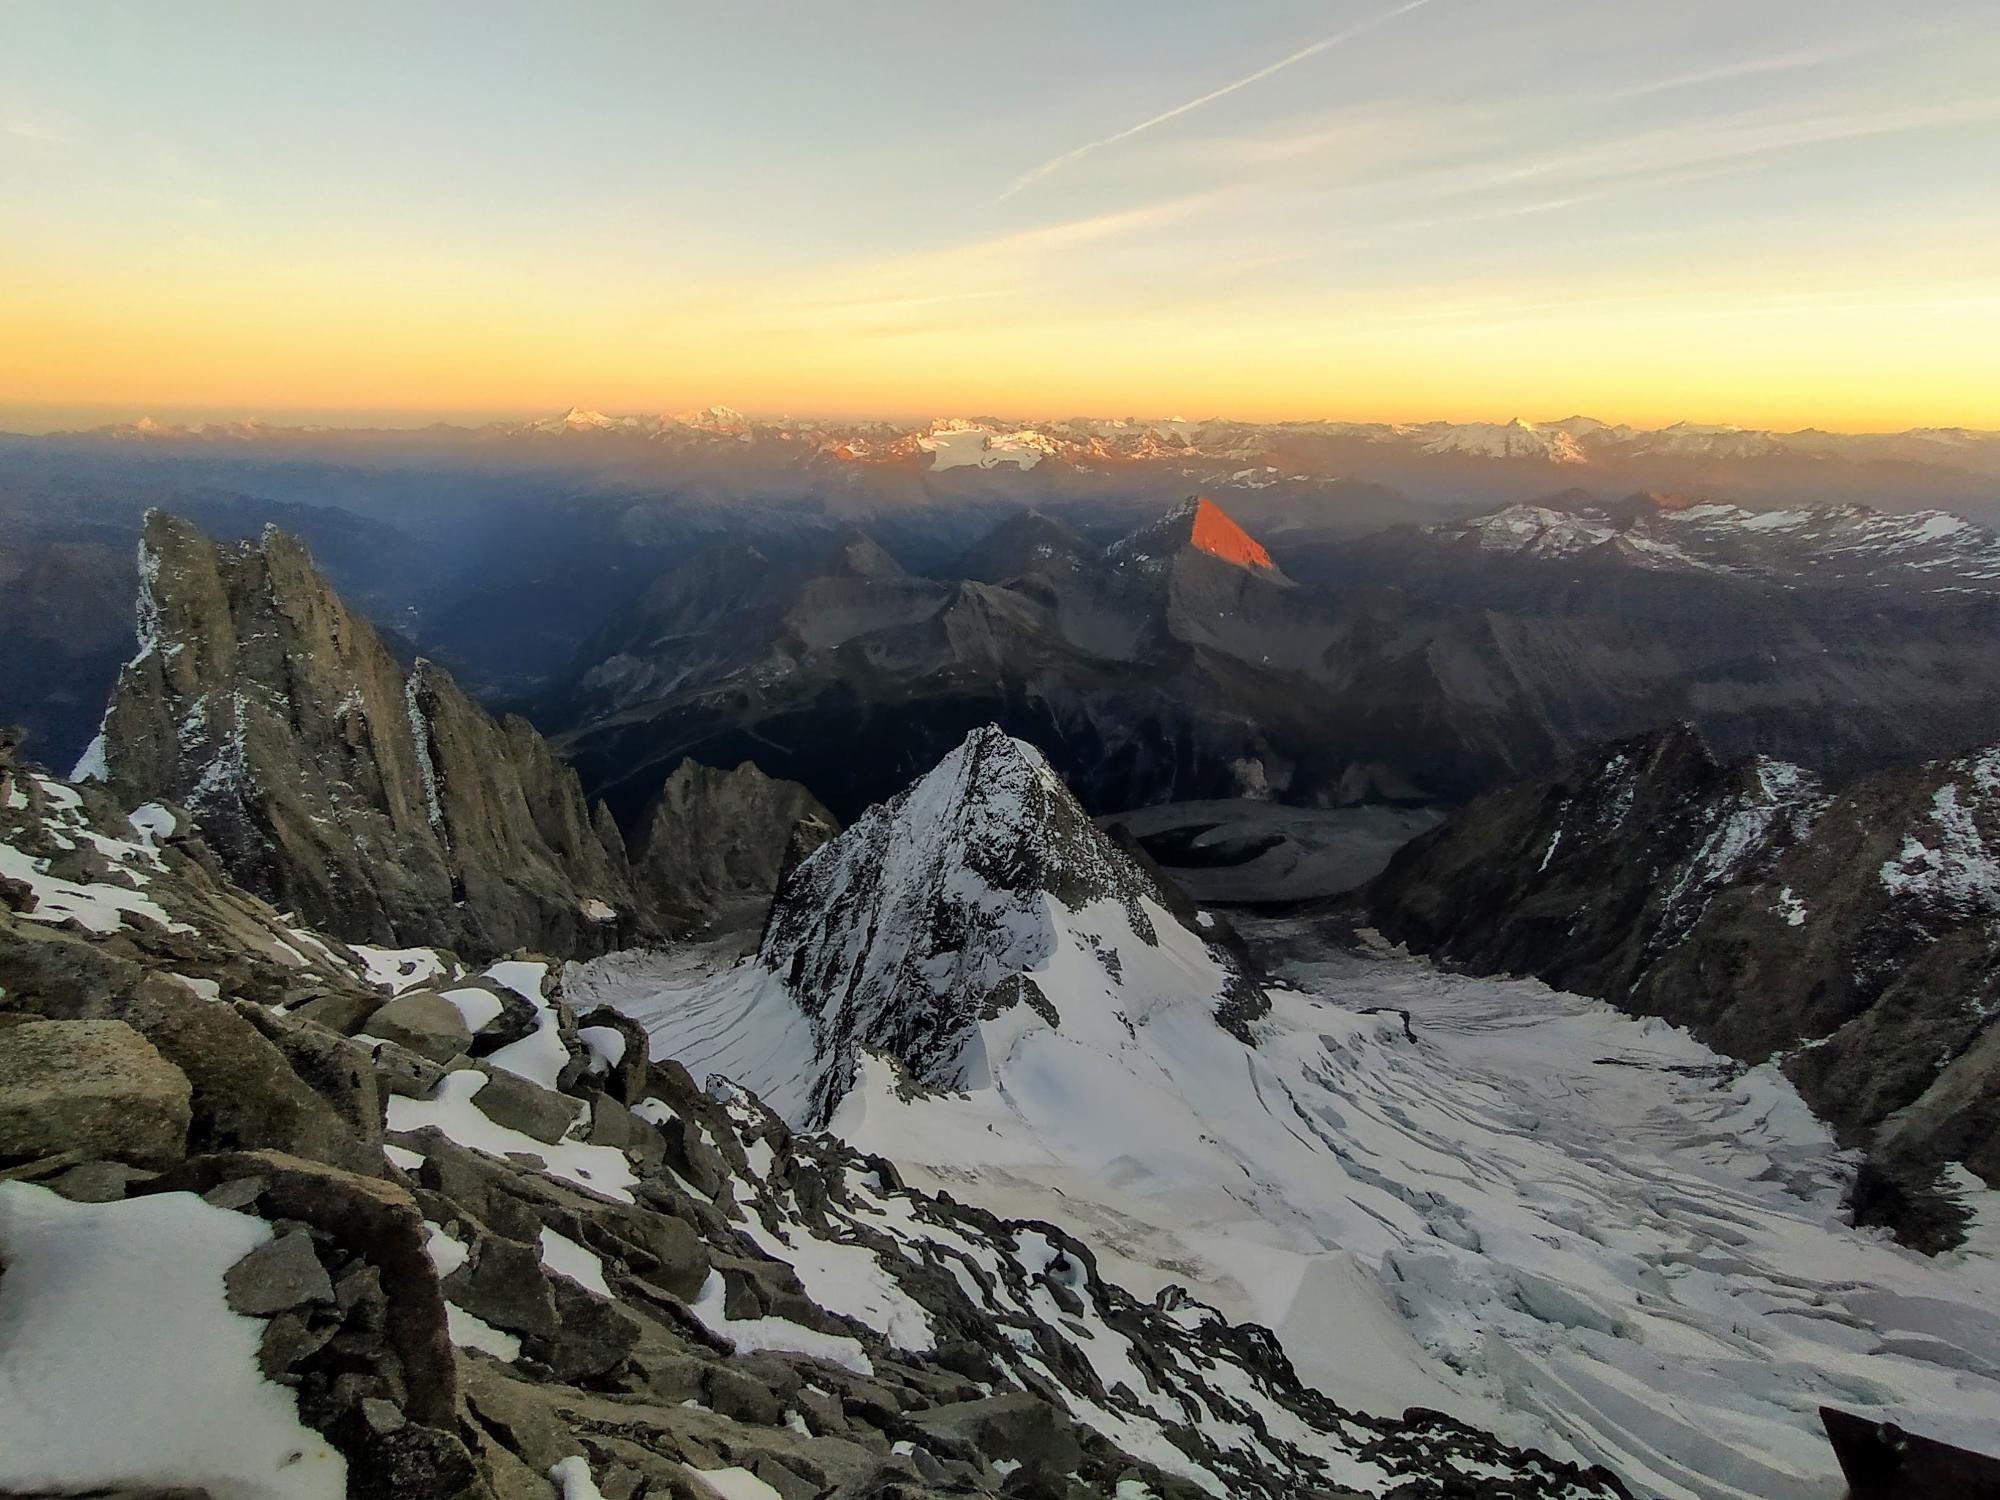 Uno sguardo verso valle: i colori magici della sera